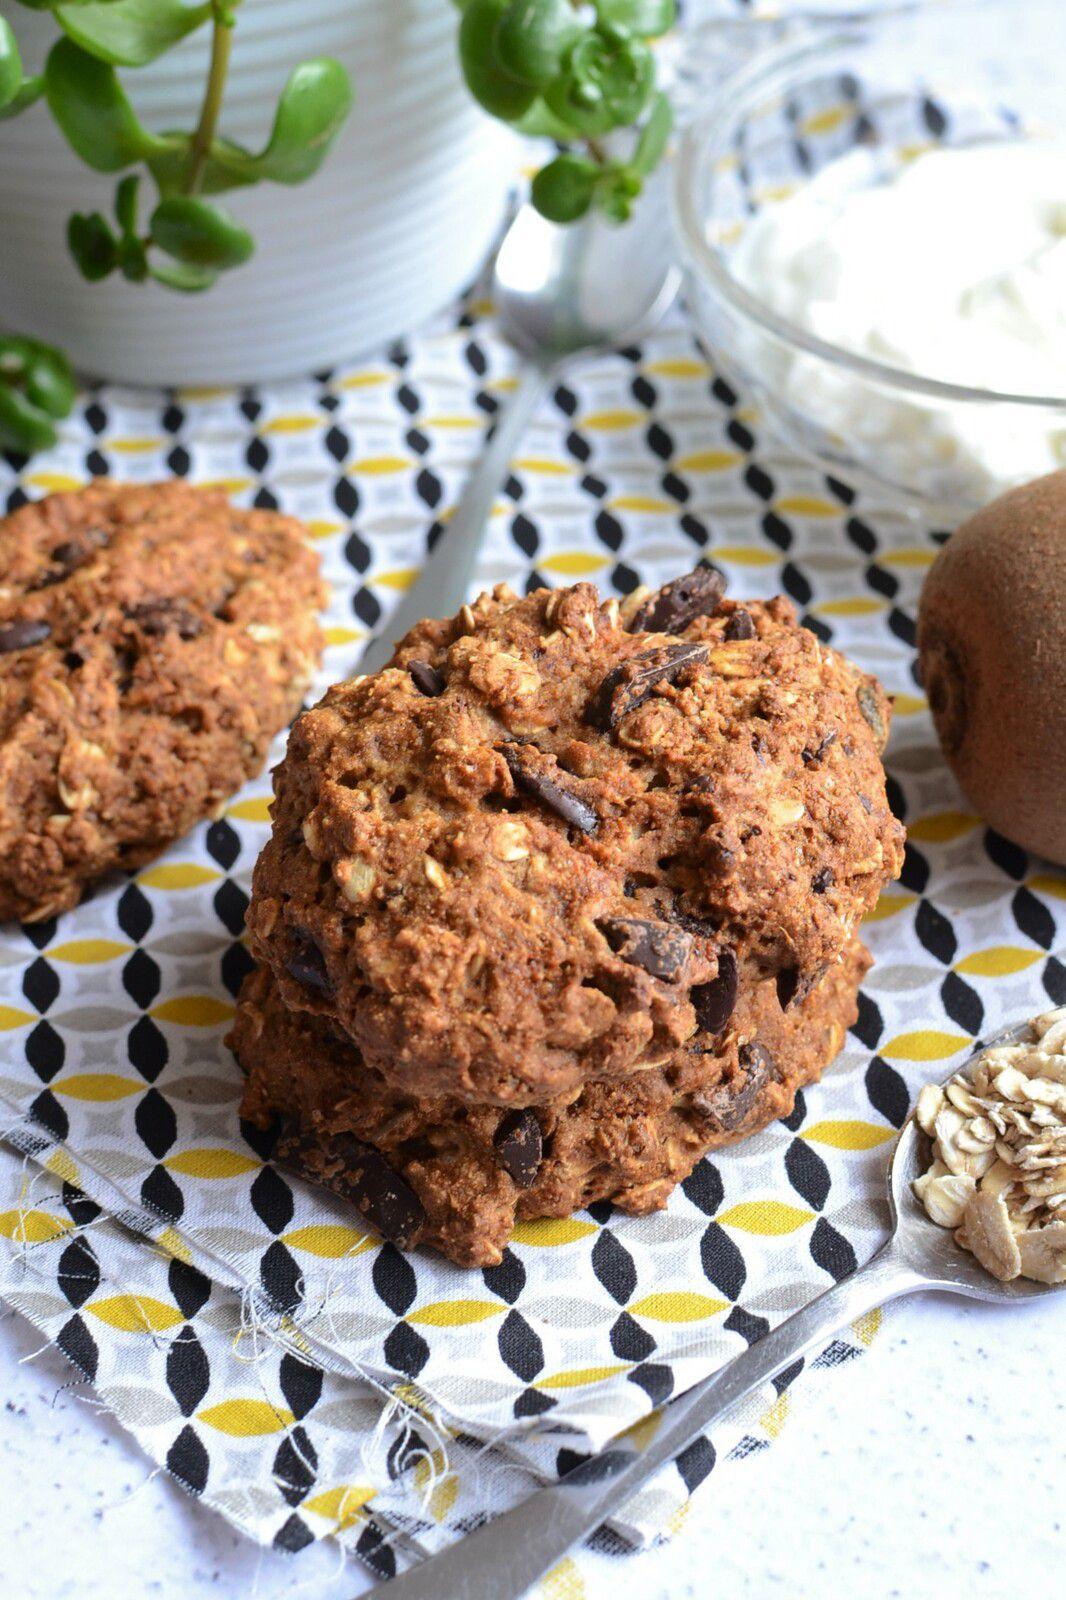 Biscuits sains pour le petit déjeuner ou le gouter